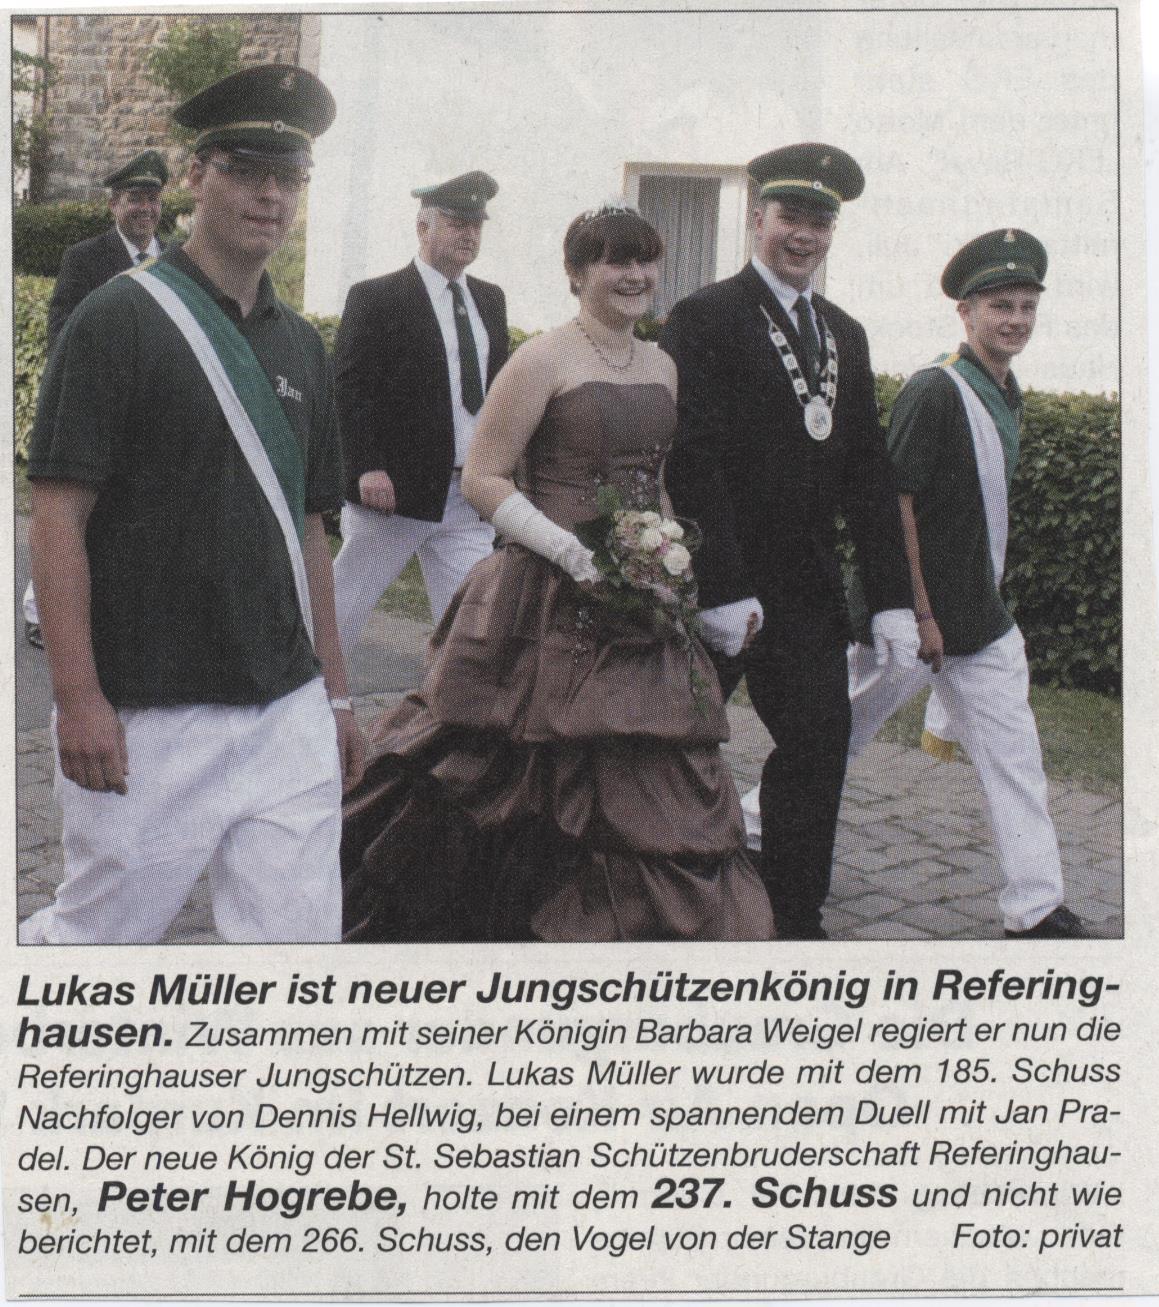 Jungschützenkönigspaar Lukas Müller und Barbara Weigel